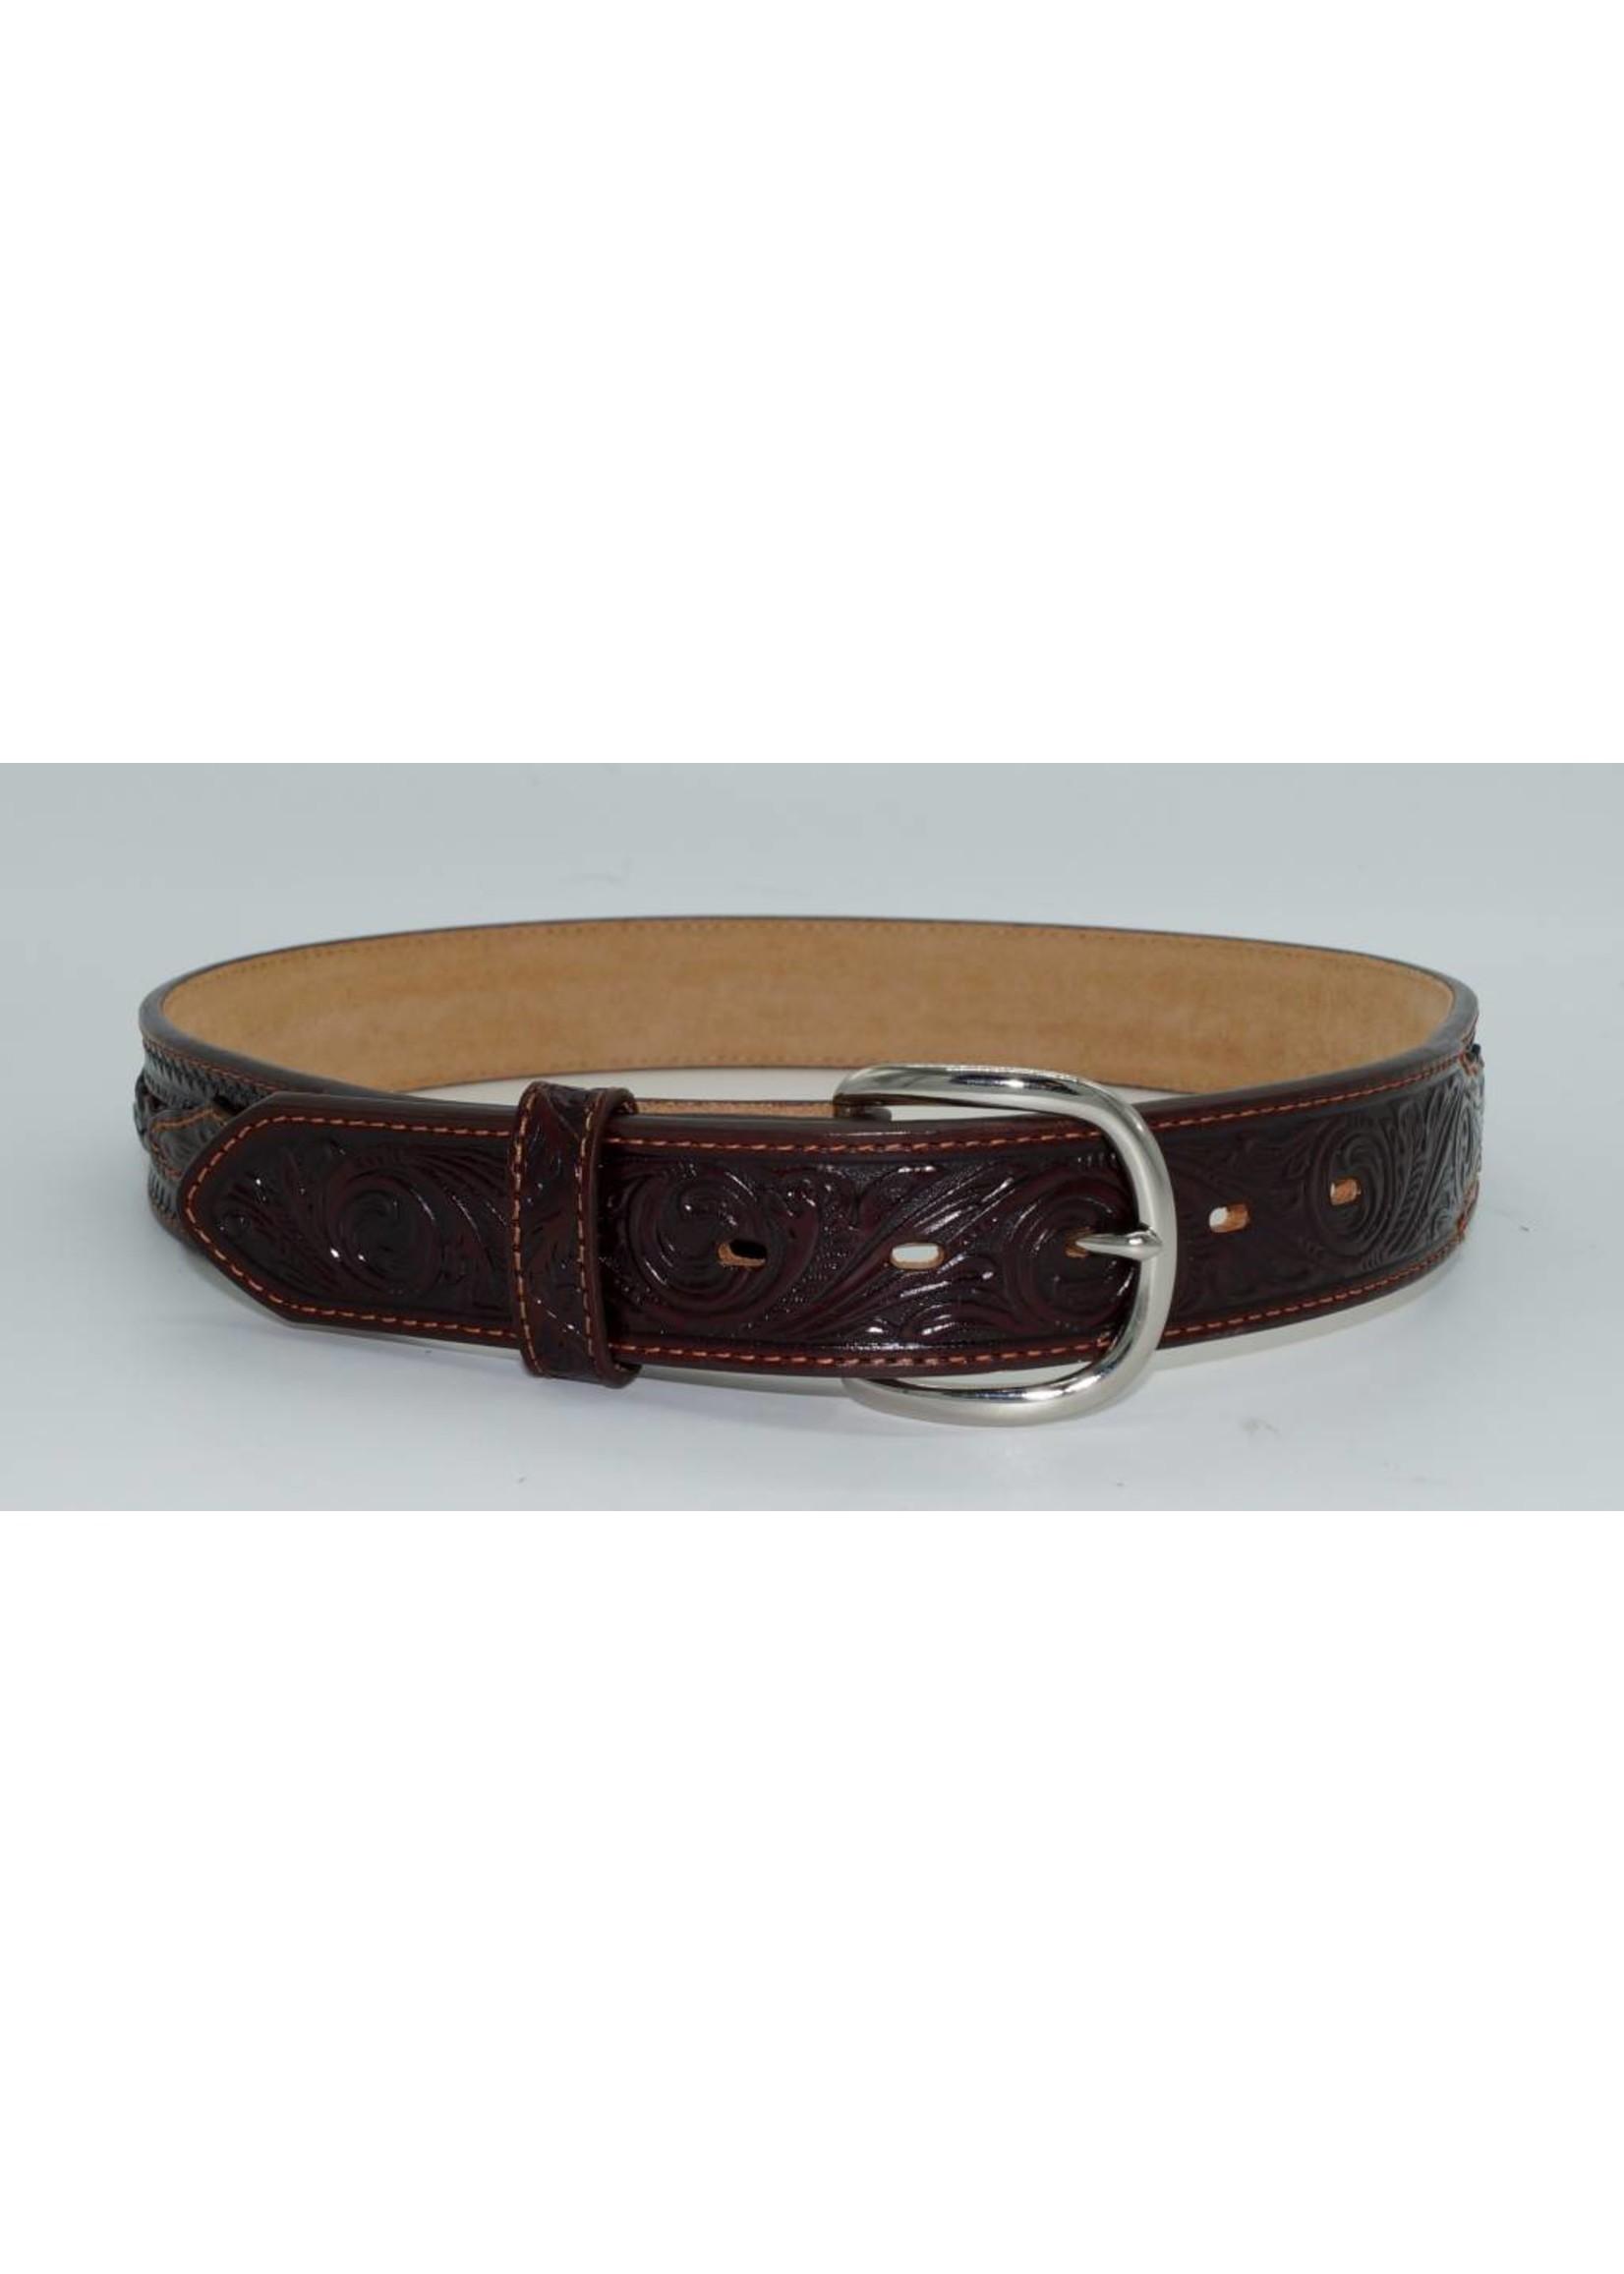 Tony Lama Men's Pueblo Lace Belt by Leegin Belt C42494